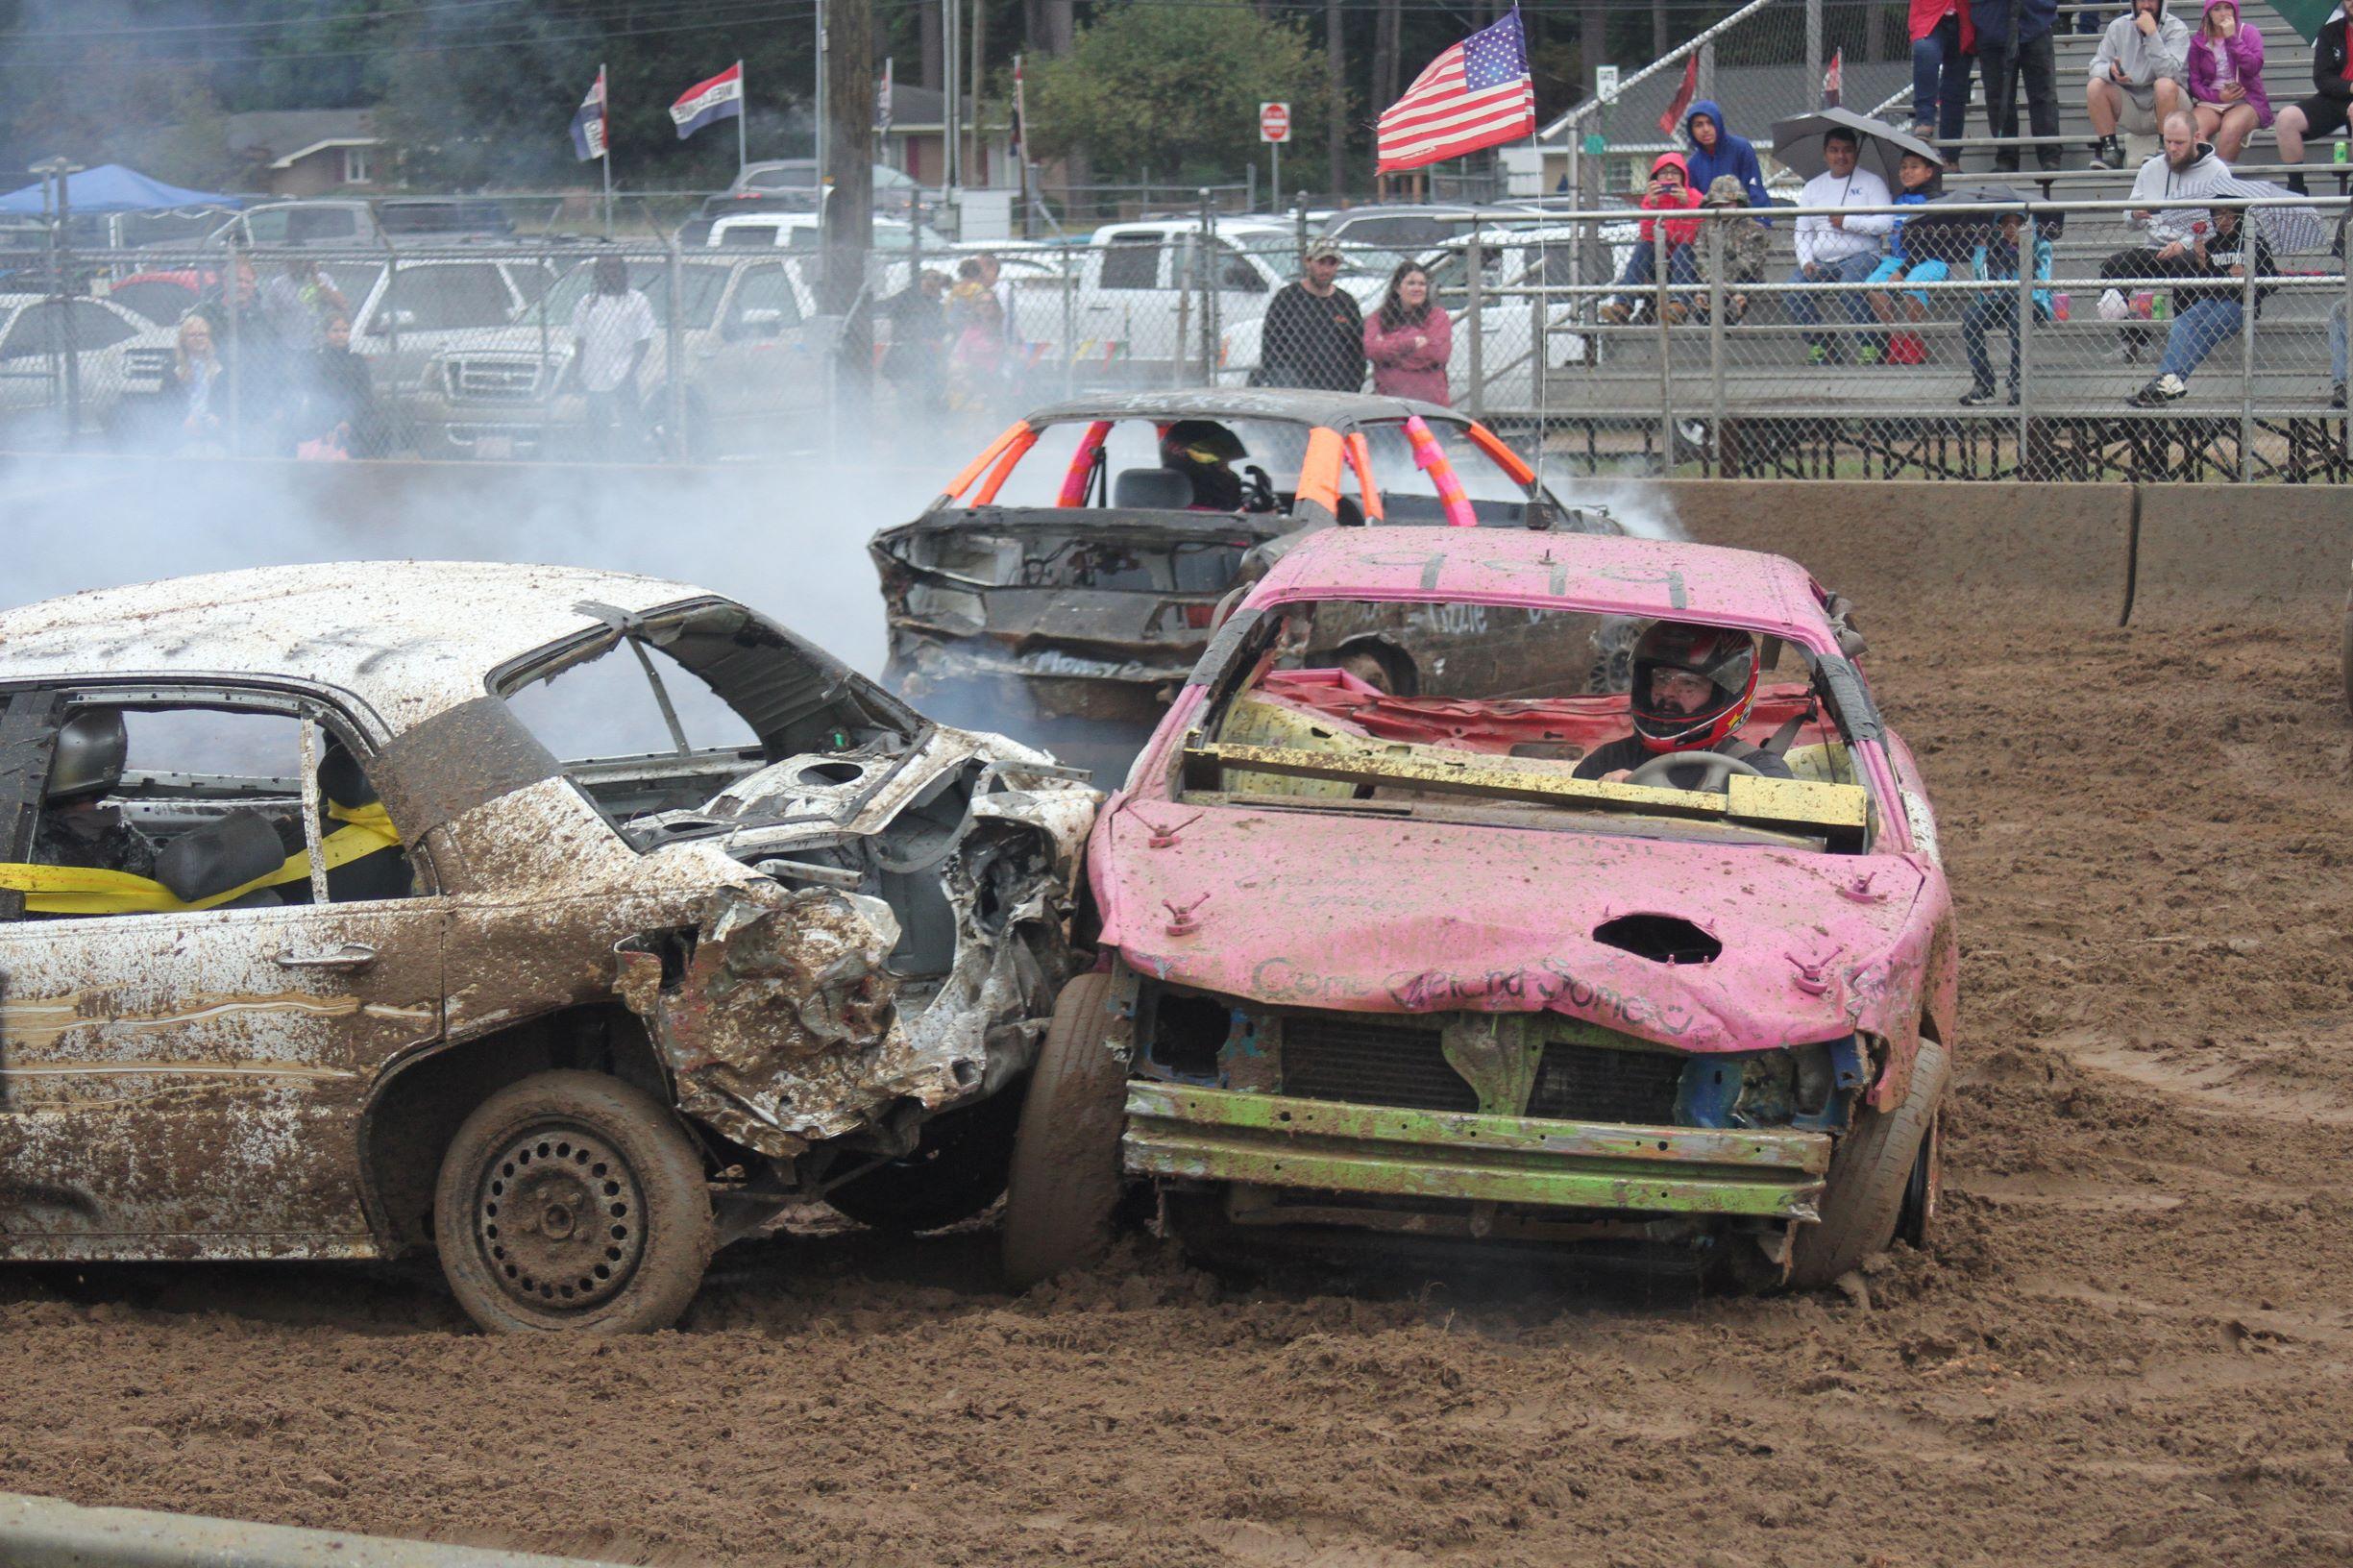 Fair's Demolition Derby Proceeds Despite Rain (PHOTO GALLERY)